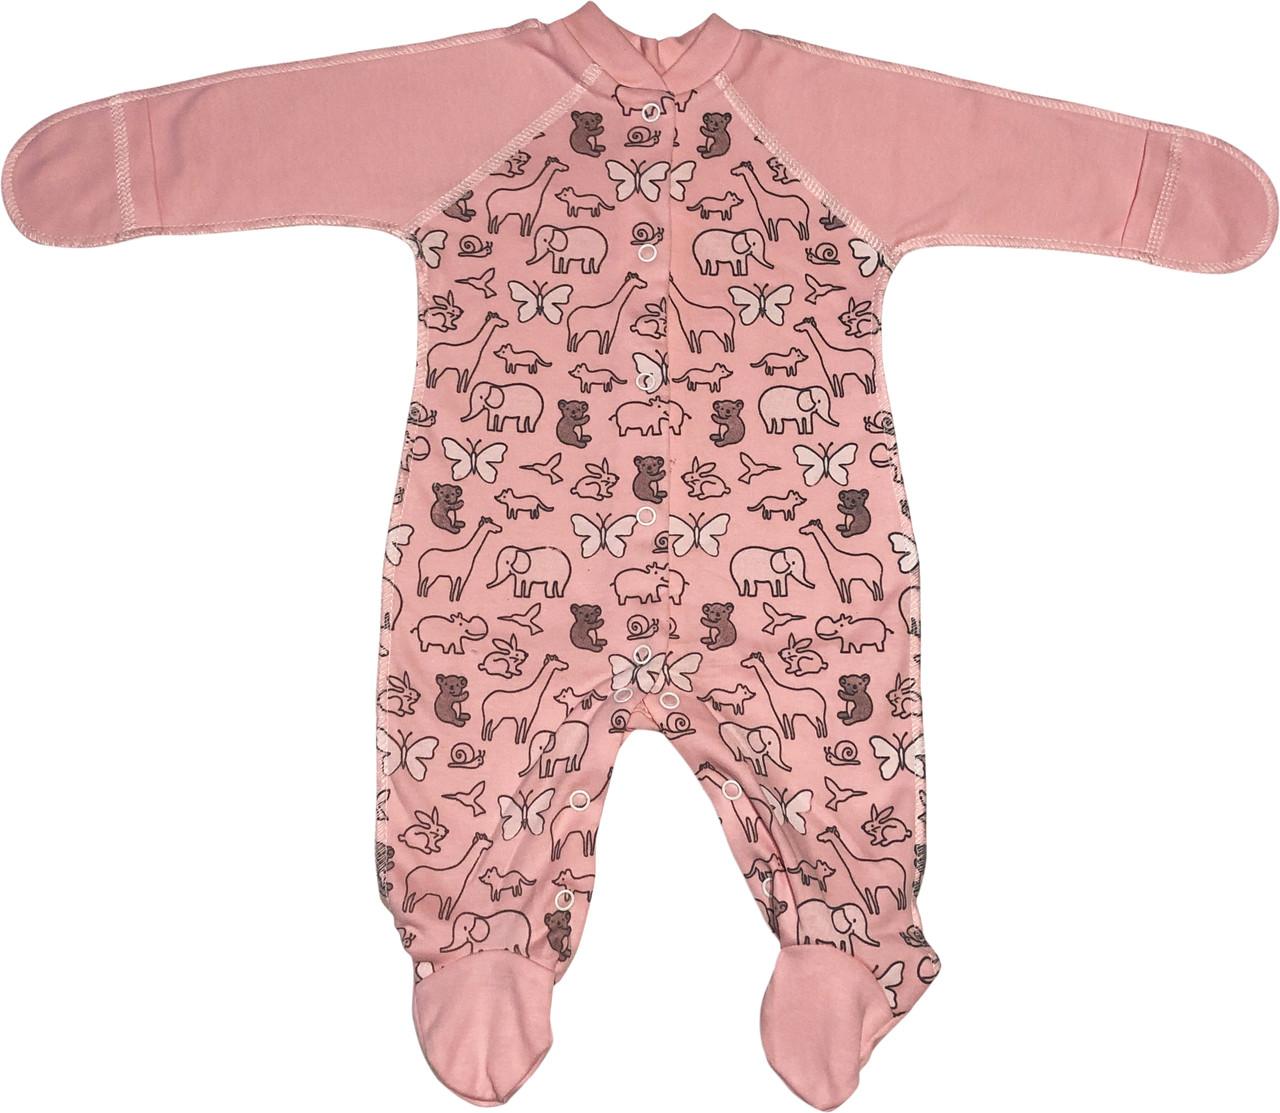 Детский тёплый человечек с начёсом рост 56 0-2 мес трикотажный интерлок розовый на девочку слип с закрытыми ручками для новорожденных малышей Р066